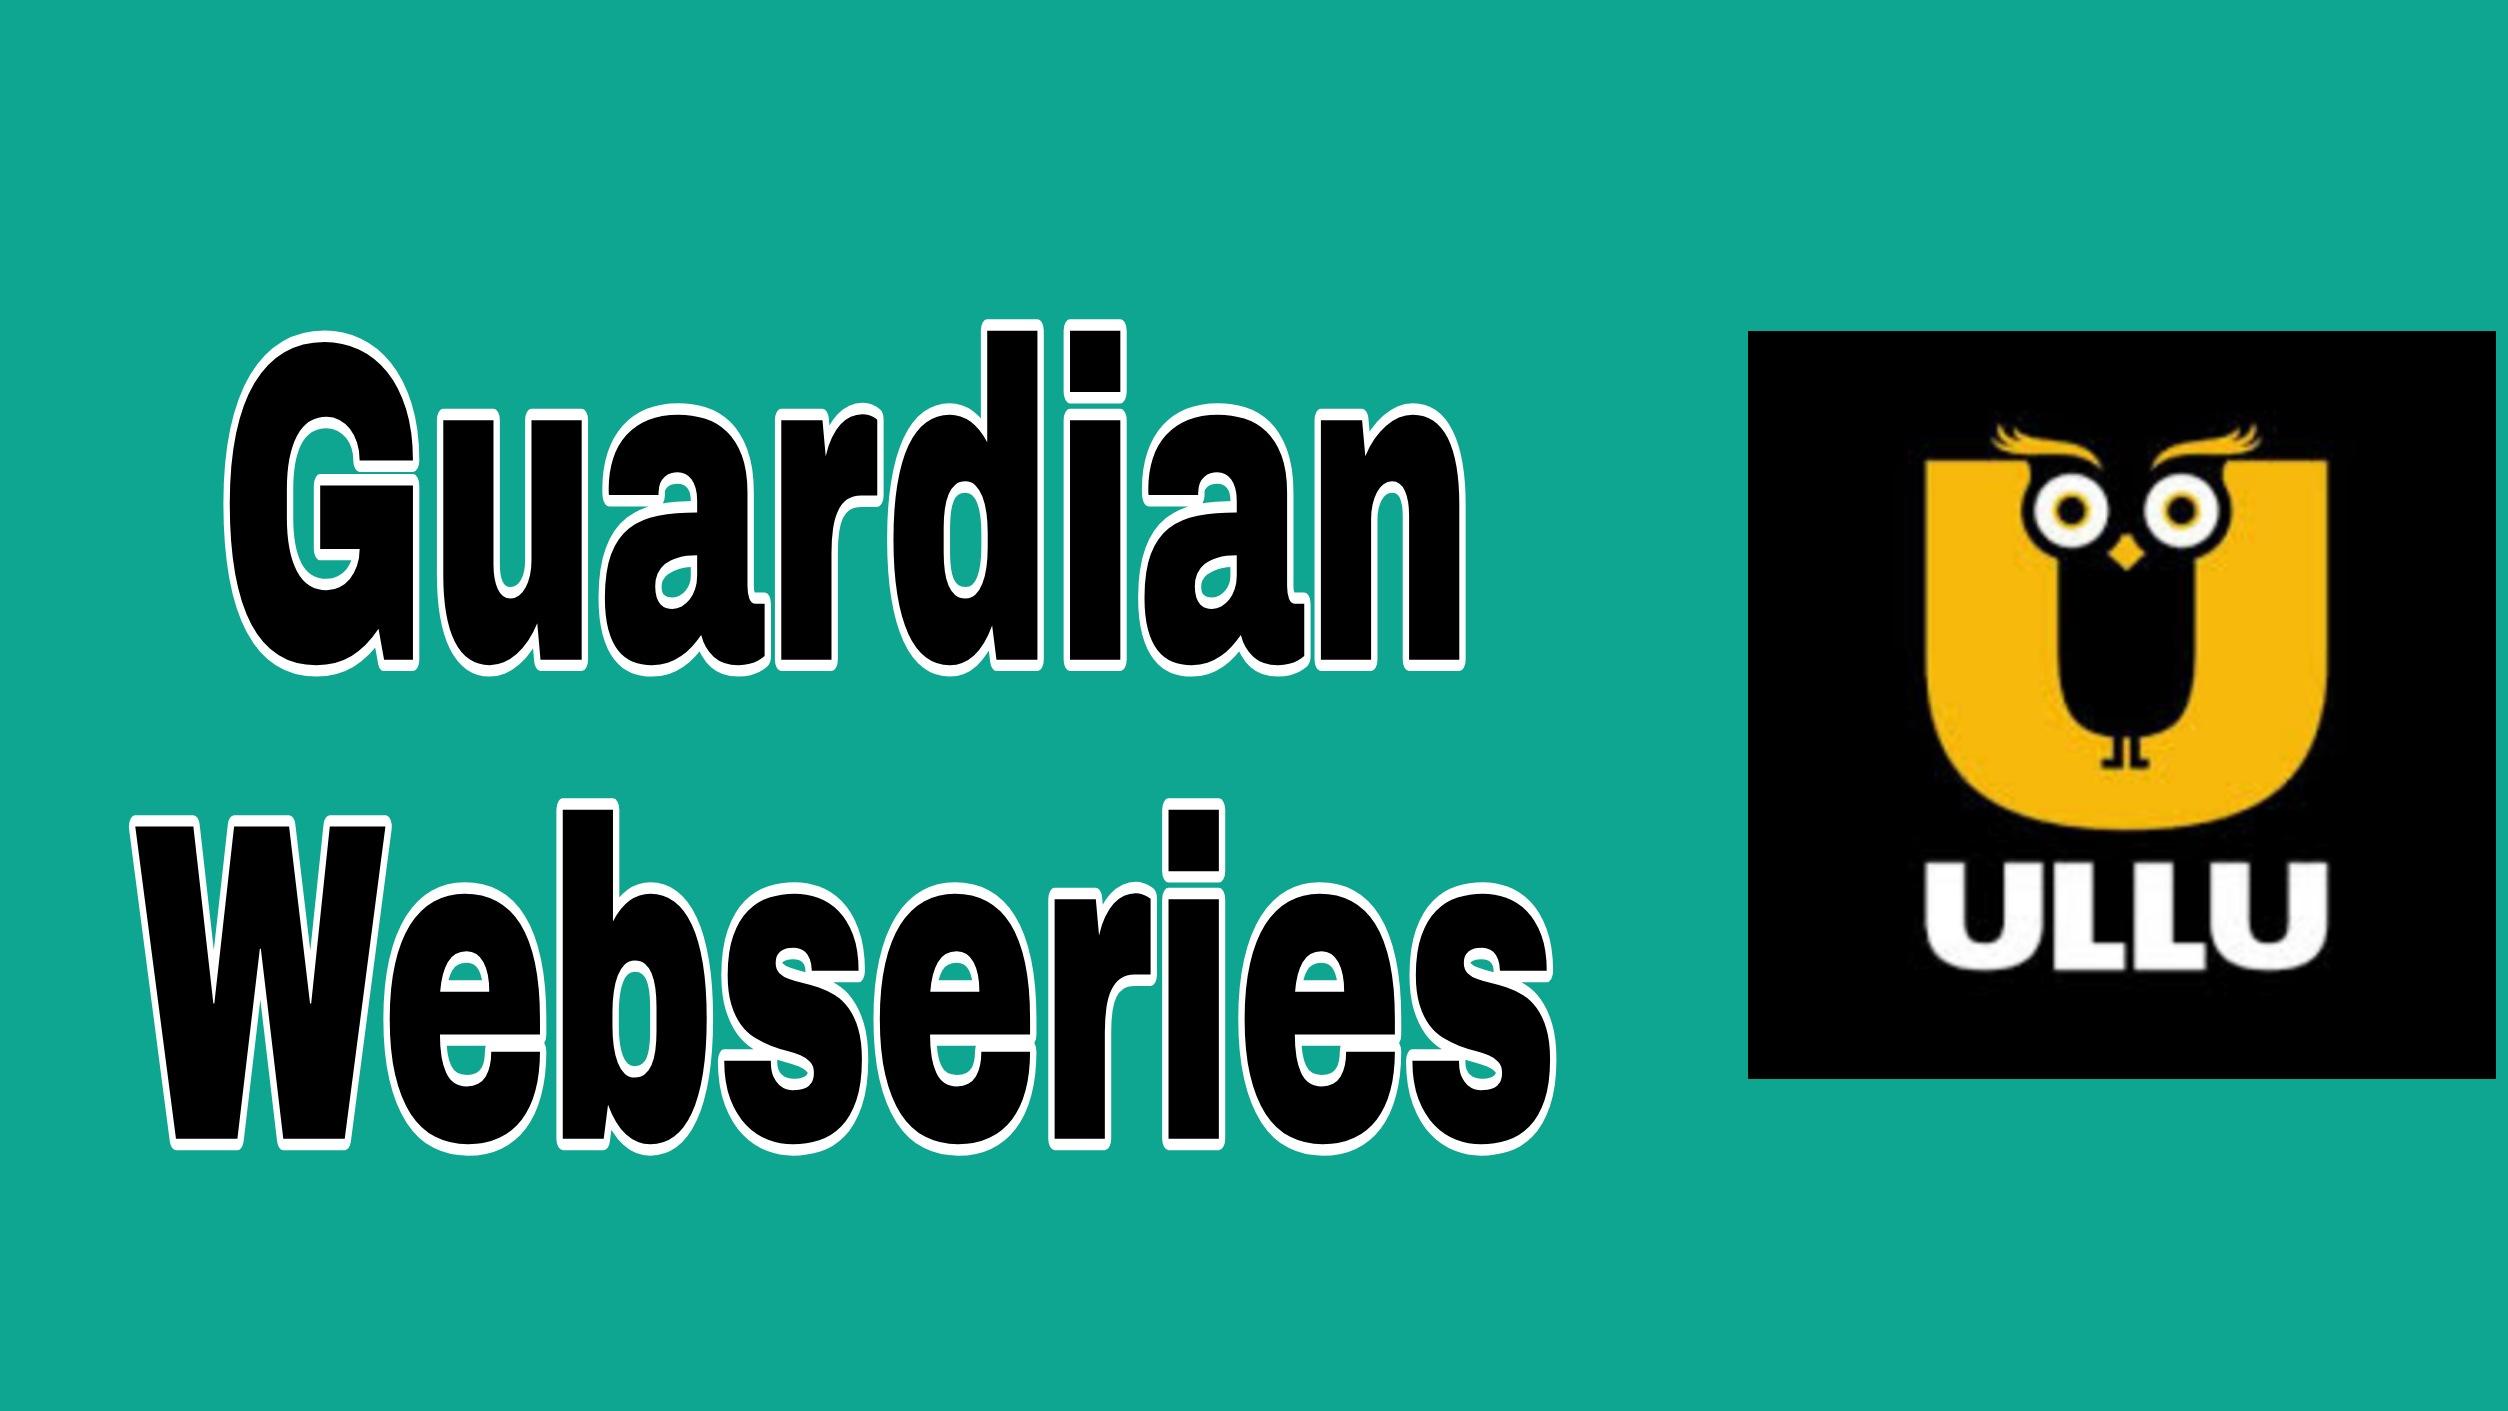 Guardian Webseries